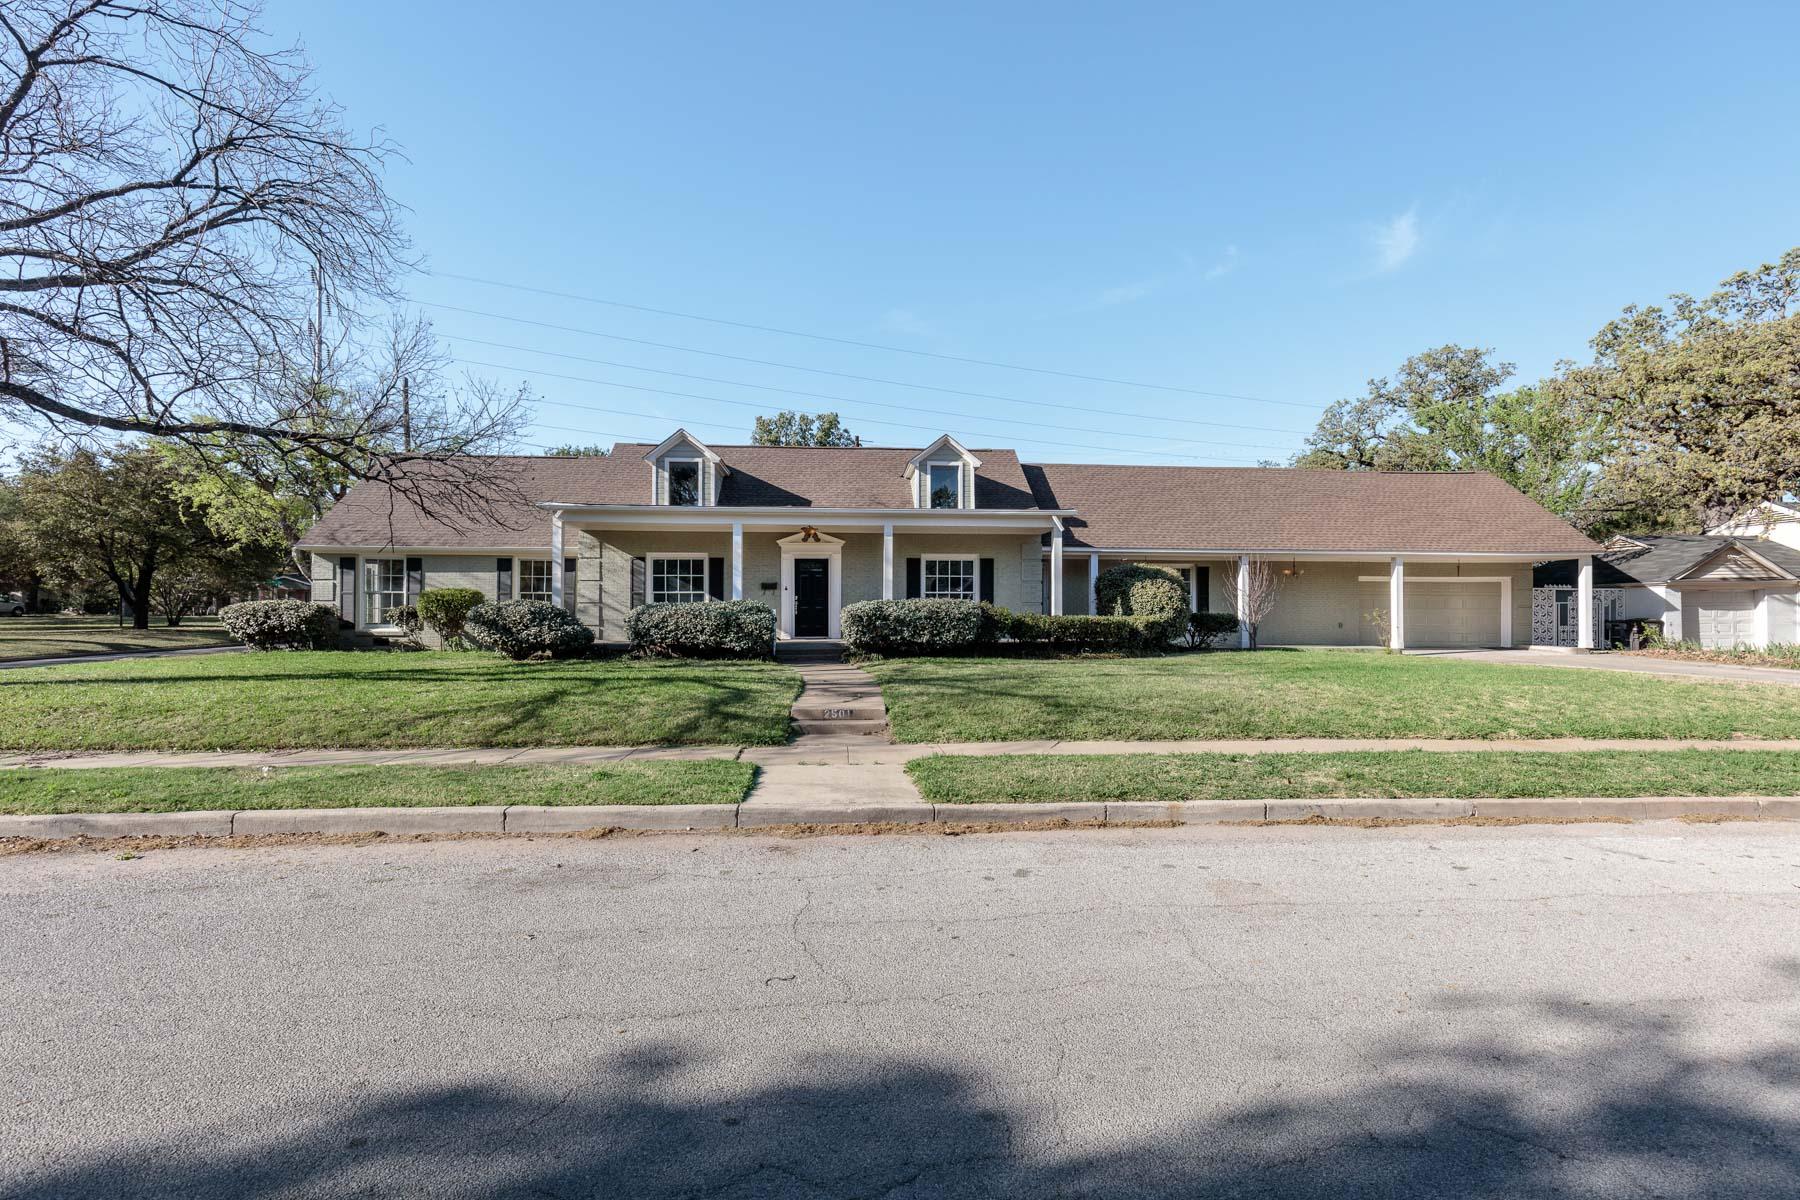 Casa Unifamiliar por un Venta en 2501 Carnation Ave, Fort Worth Fort Worth, Texas, 76111 Estados Unidos